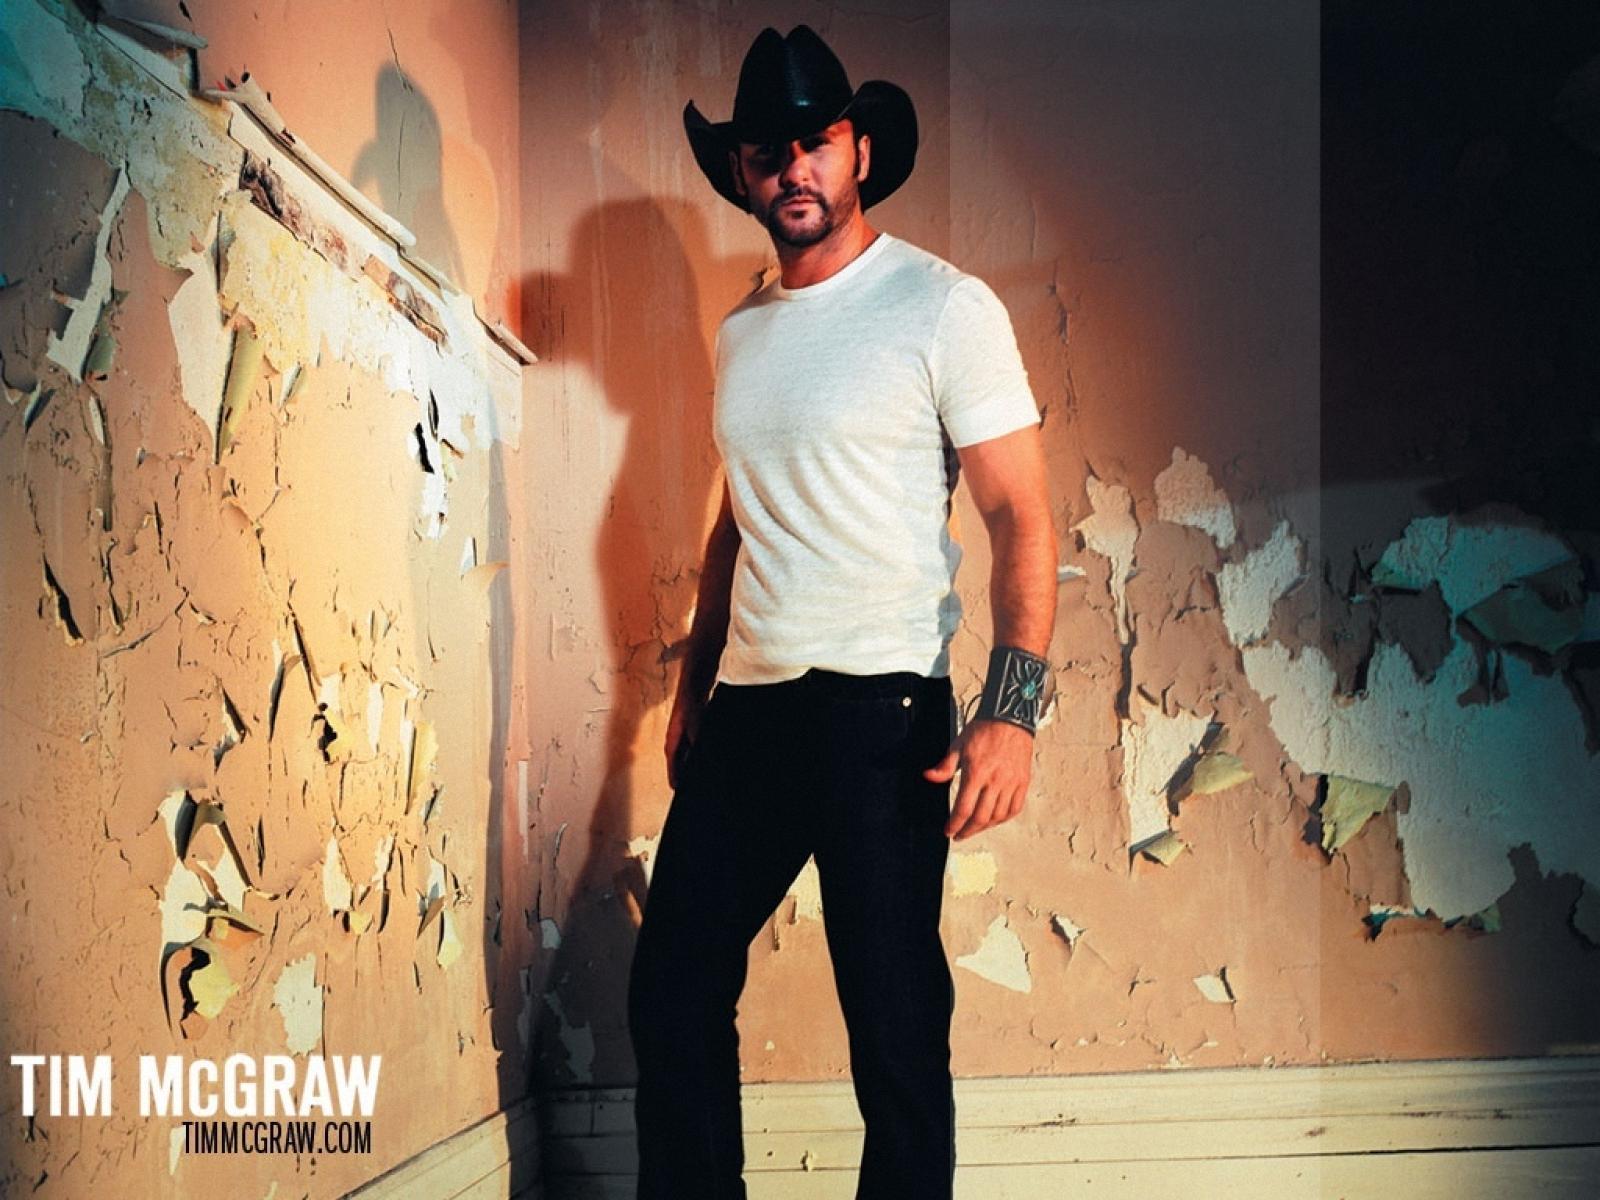 Tim McGraw Cool Guy WallpapersTim McGraw Wallpapers 1600x1200